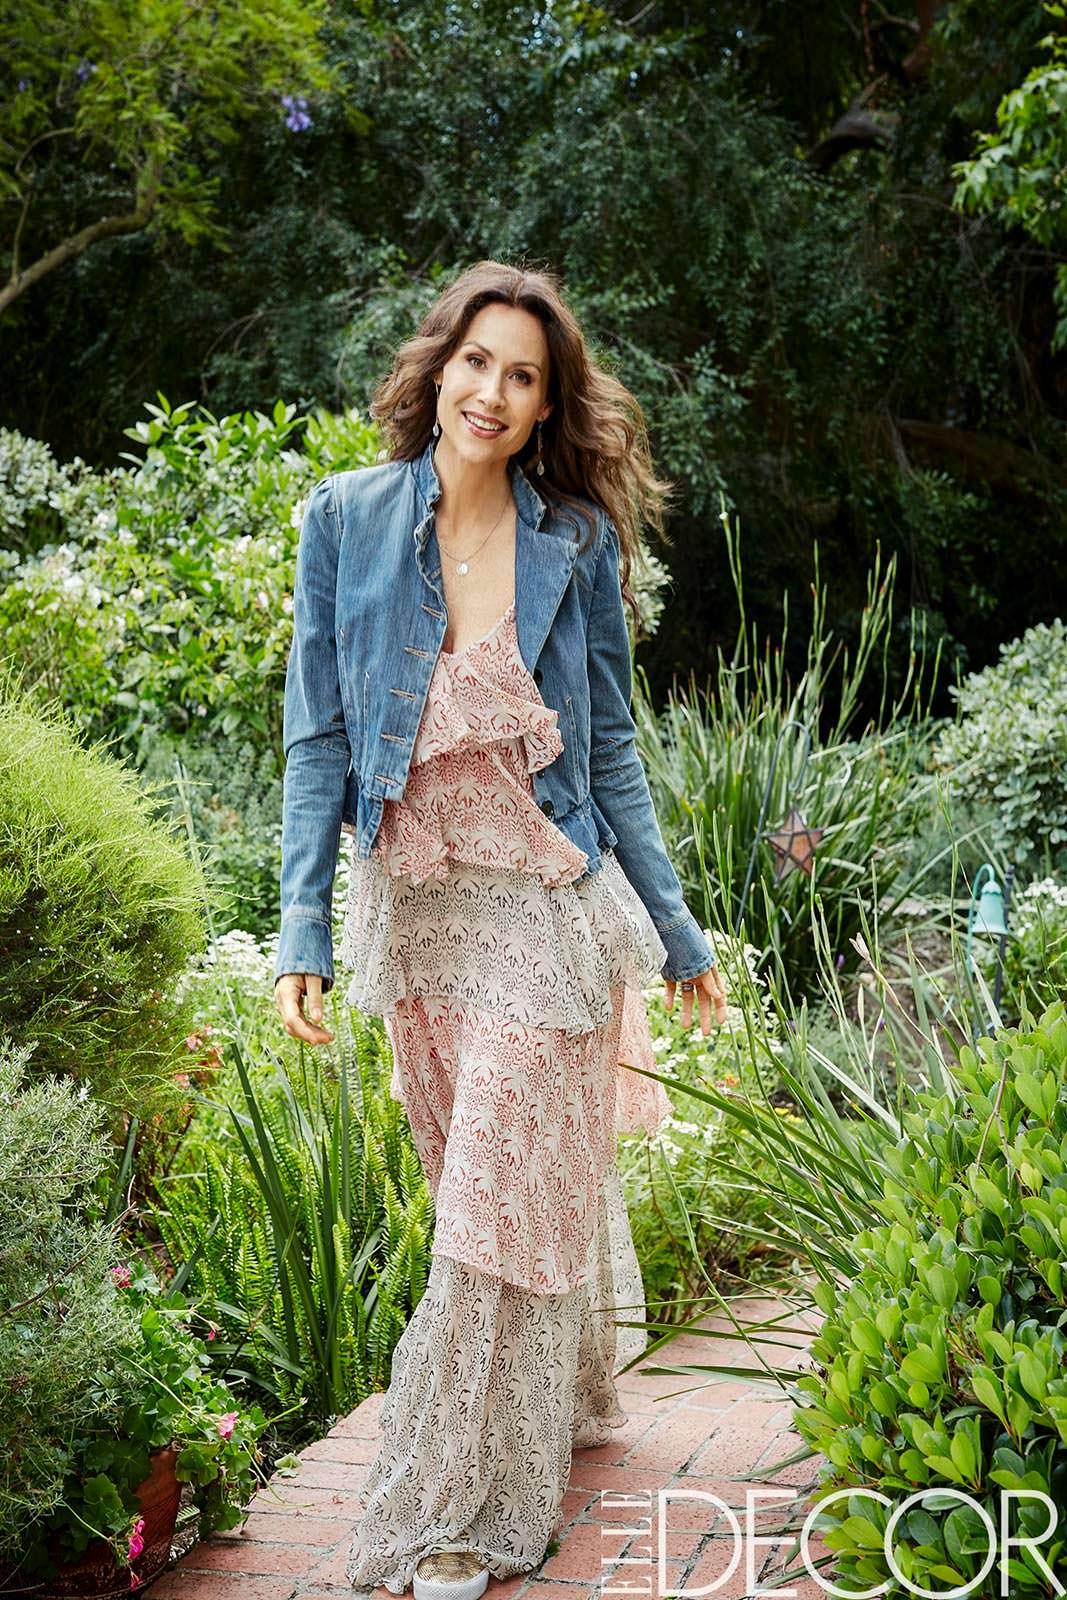 Актриса Минни Драйвер в саду своего дома